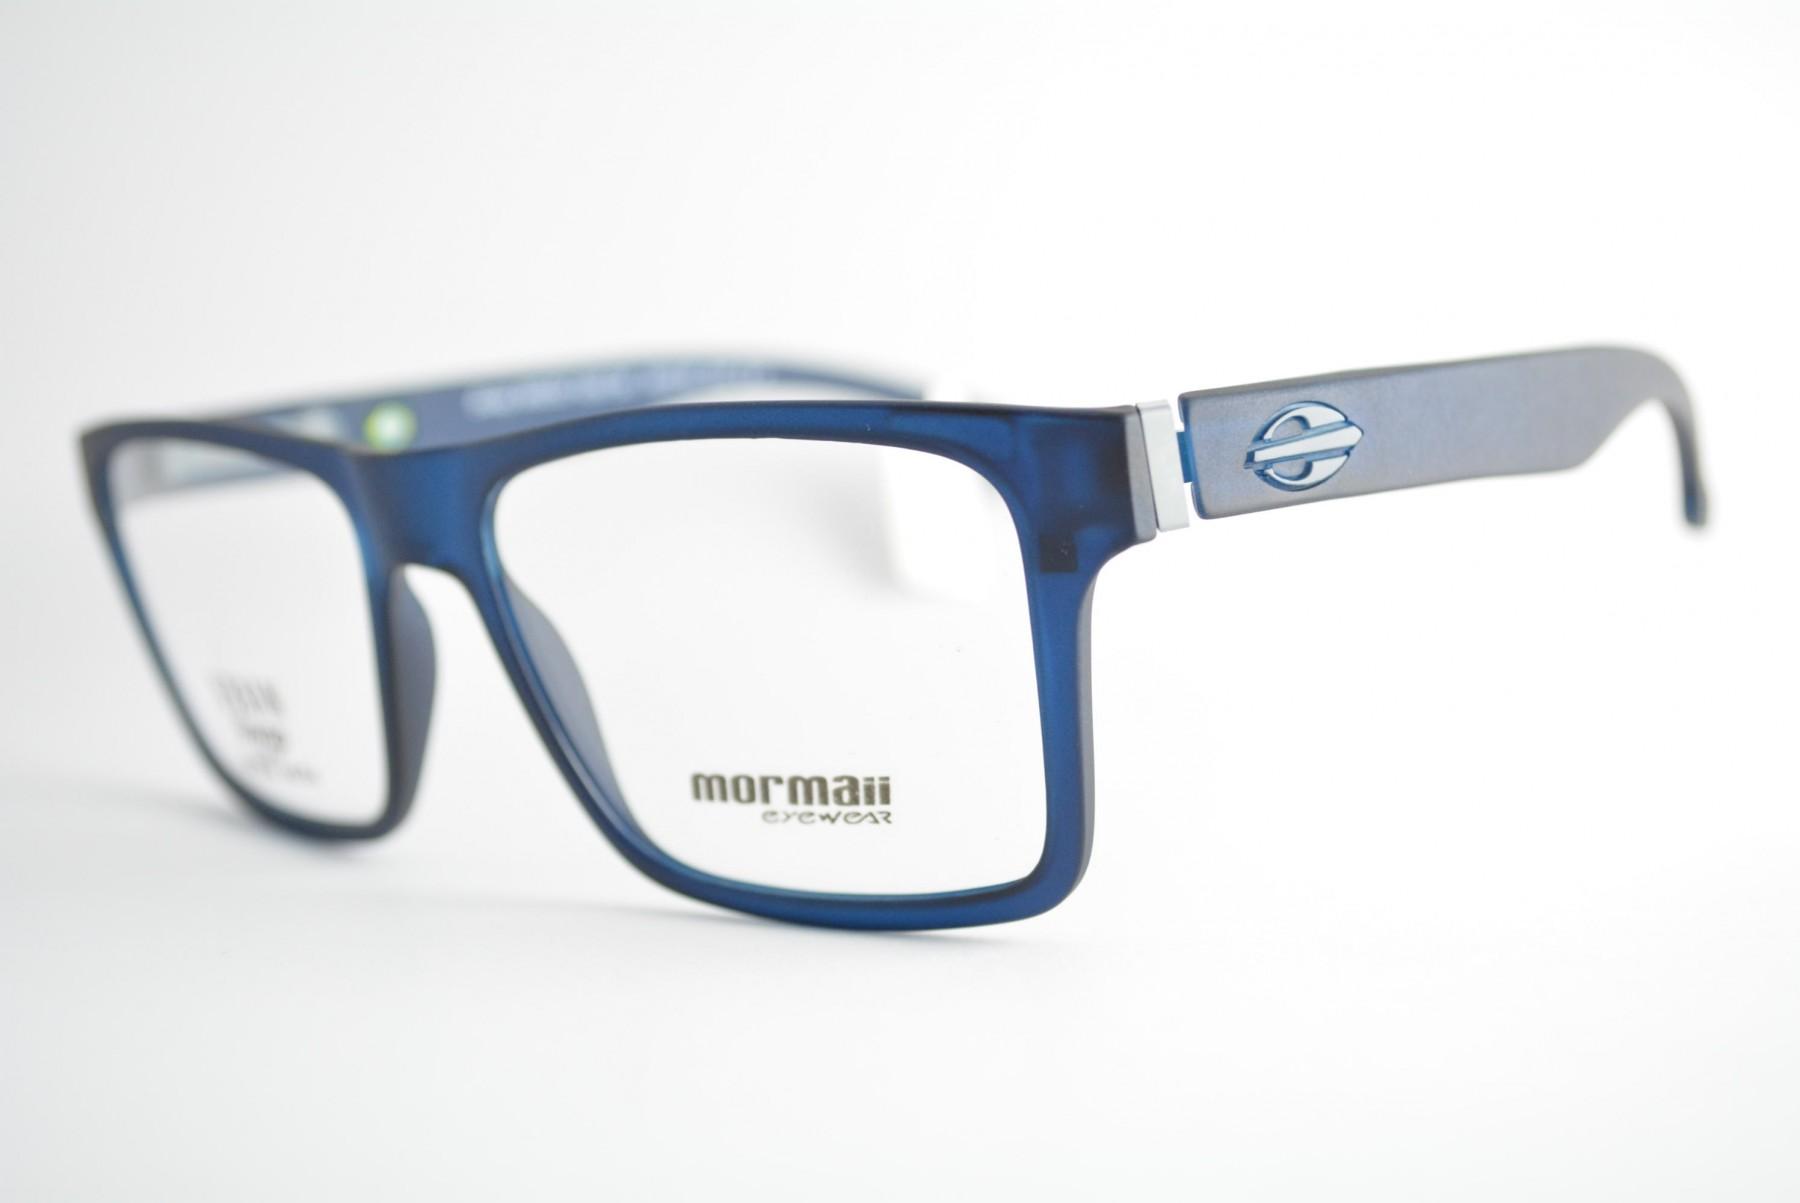 armação de óculos Mormaii mod Swap m6057 k26. Código  m6057 k26 3ebd530d4a